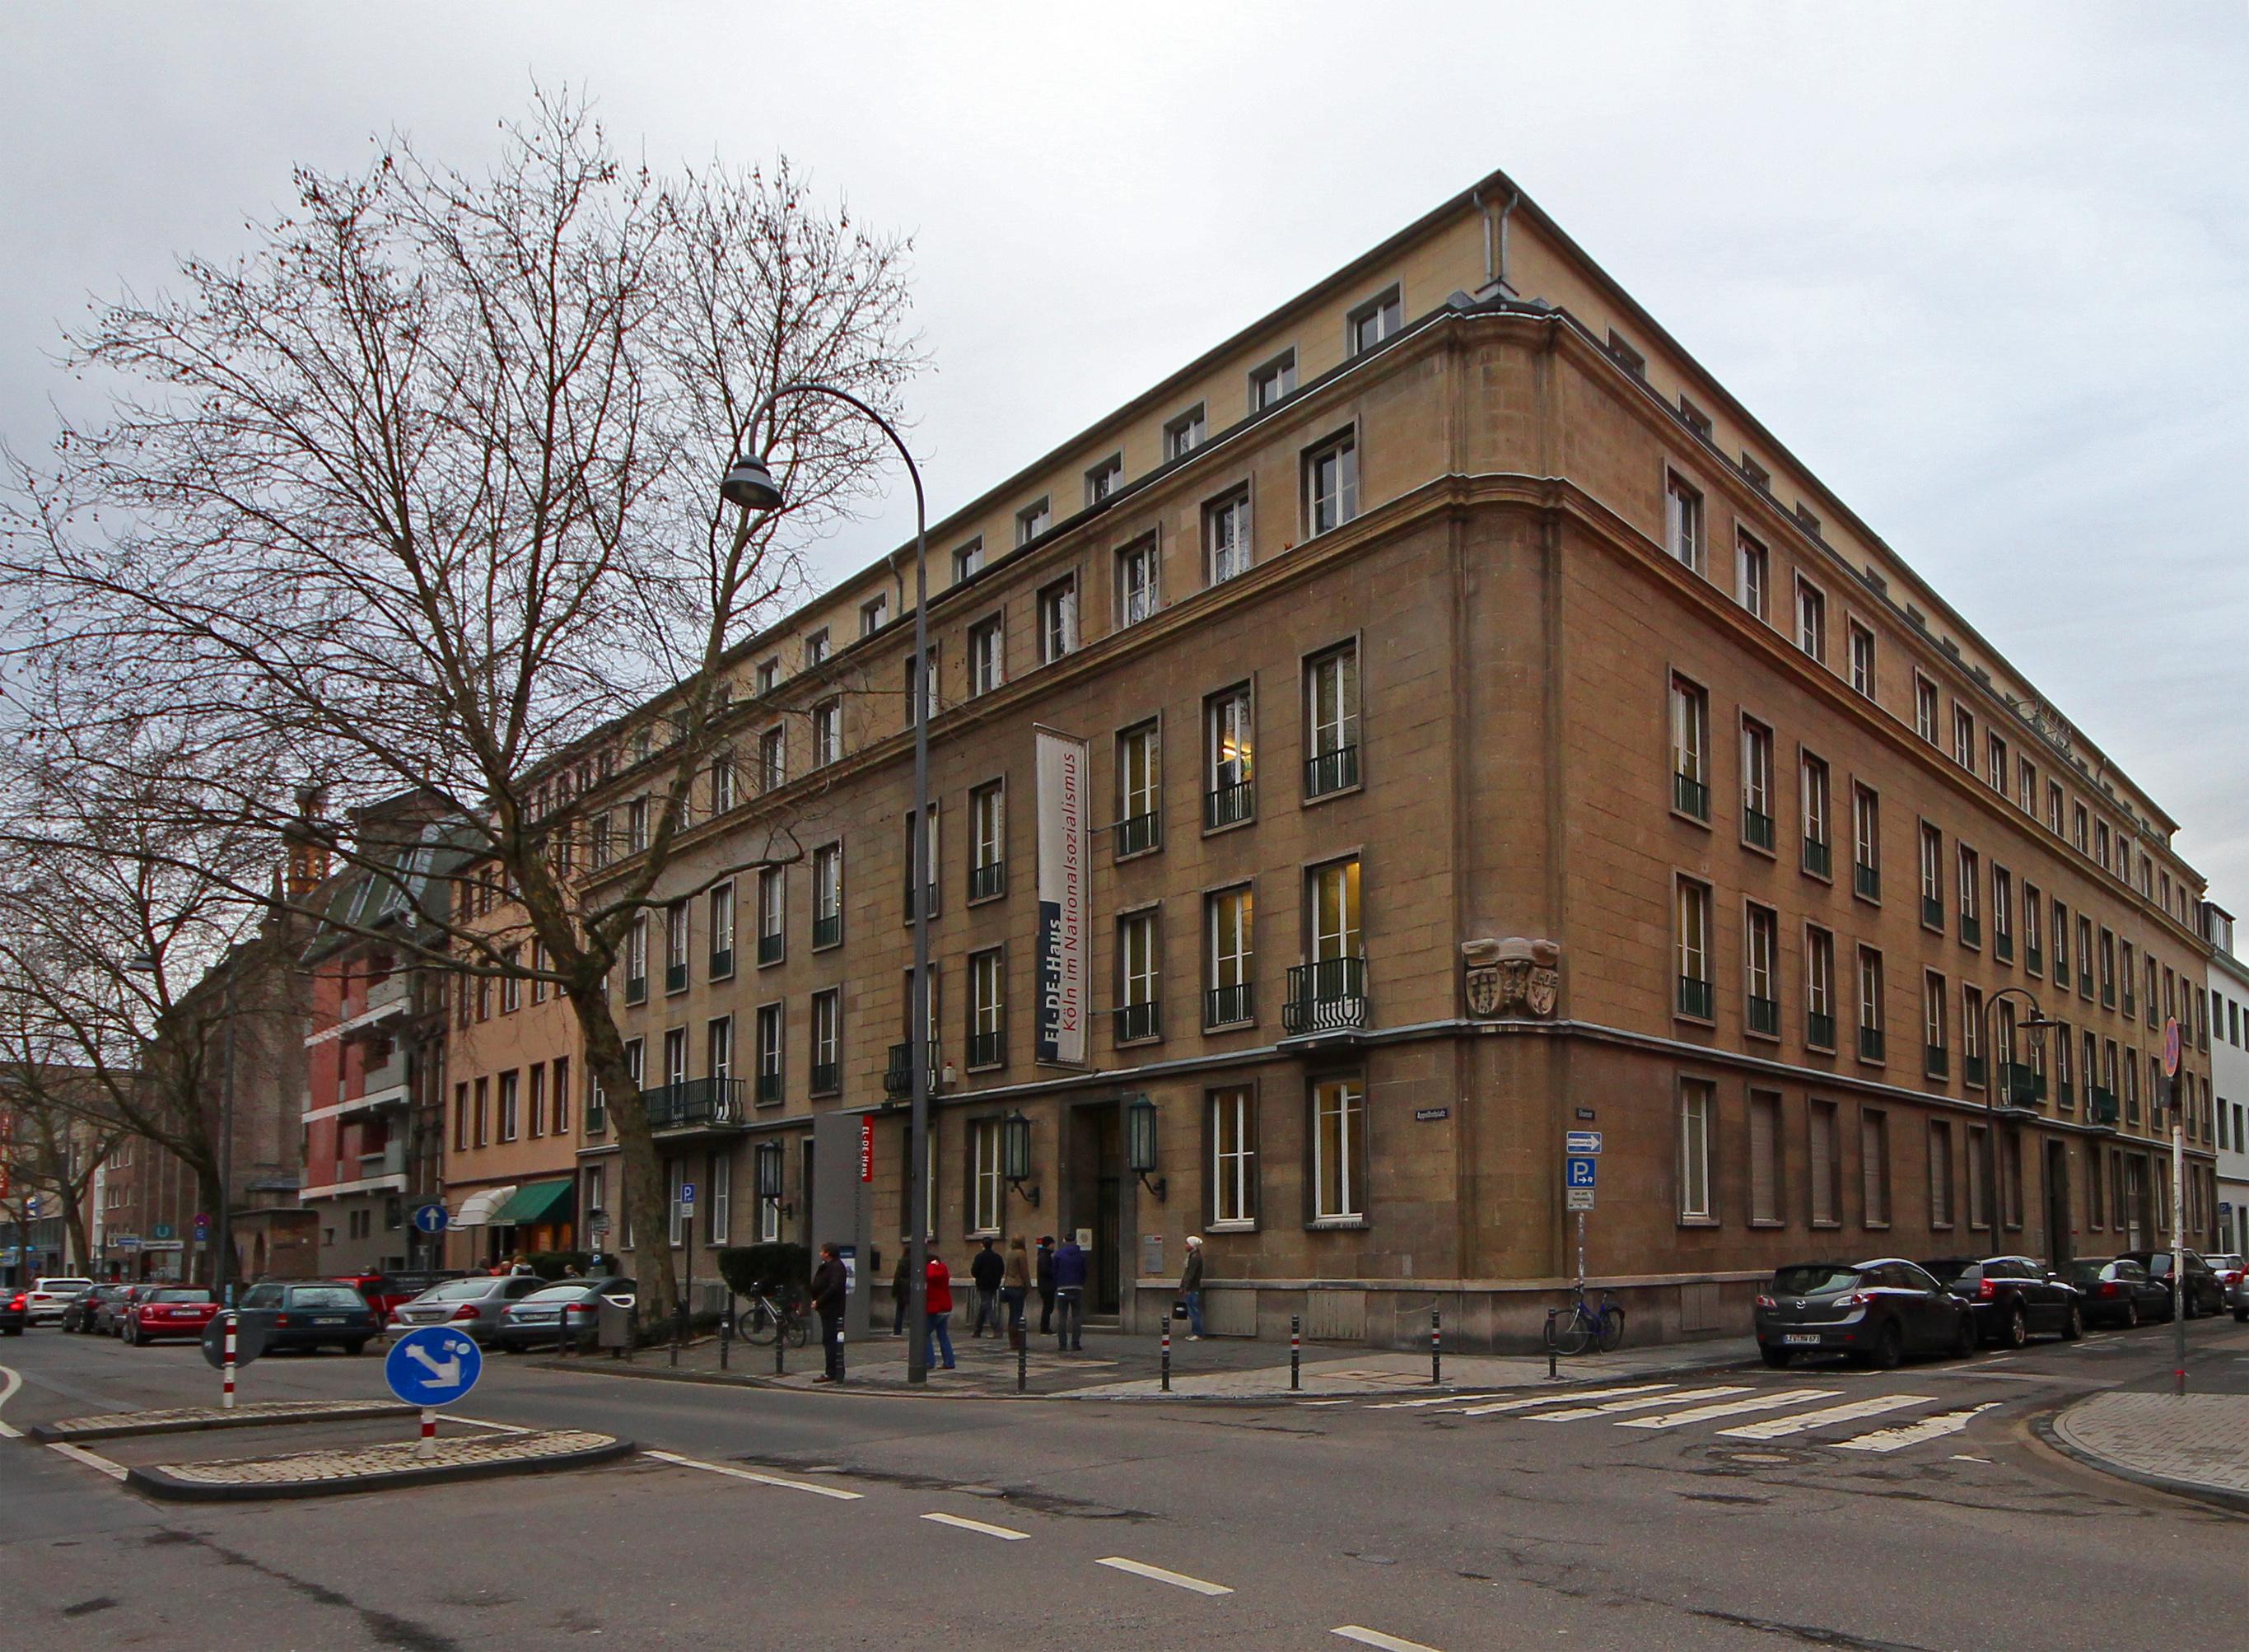 EL-DE Haus, exterior view